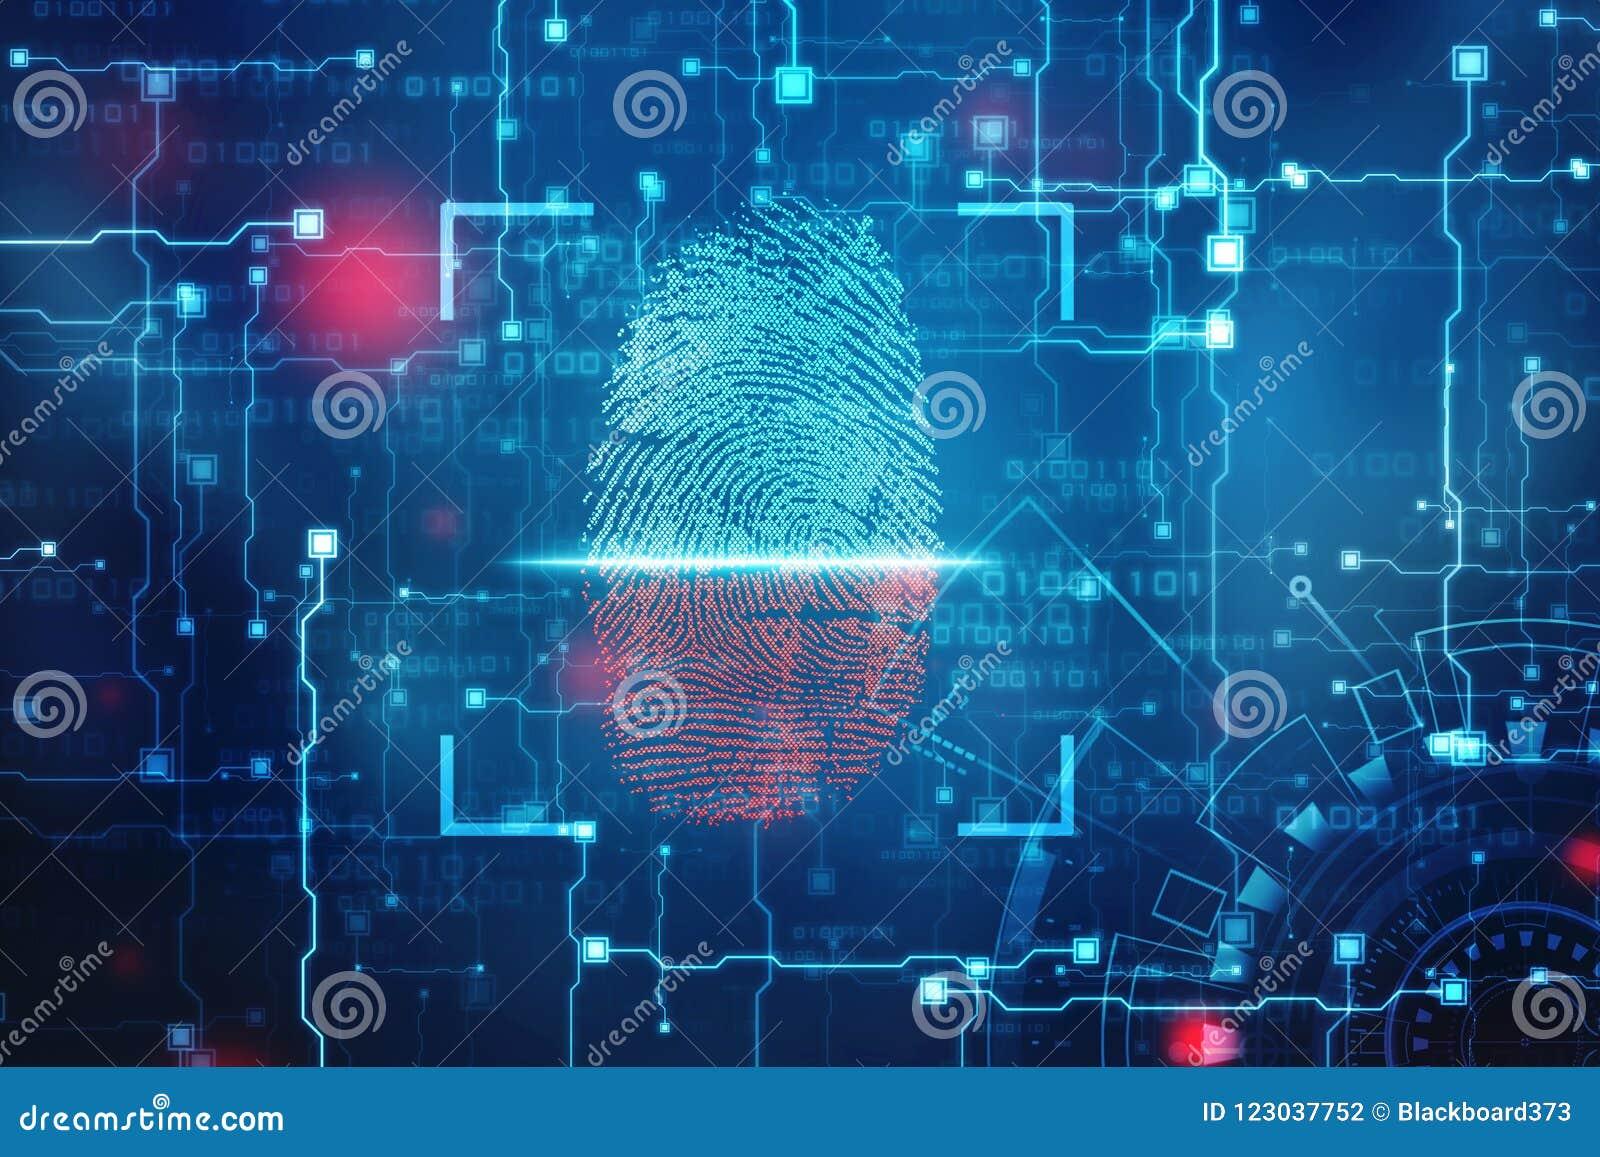 Security concept: fingerprint Scanning on digital screen. 2d illustration